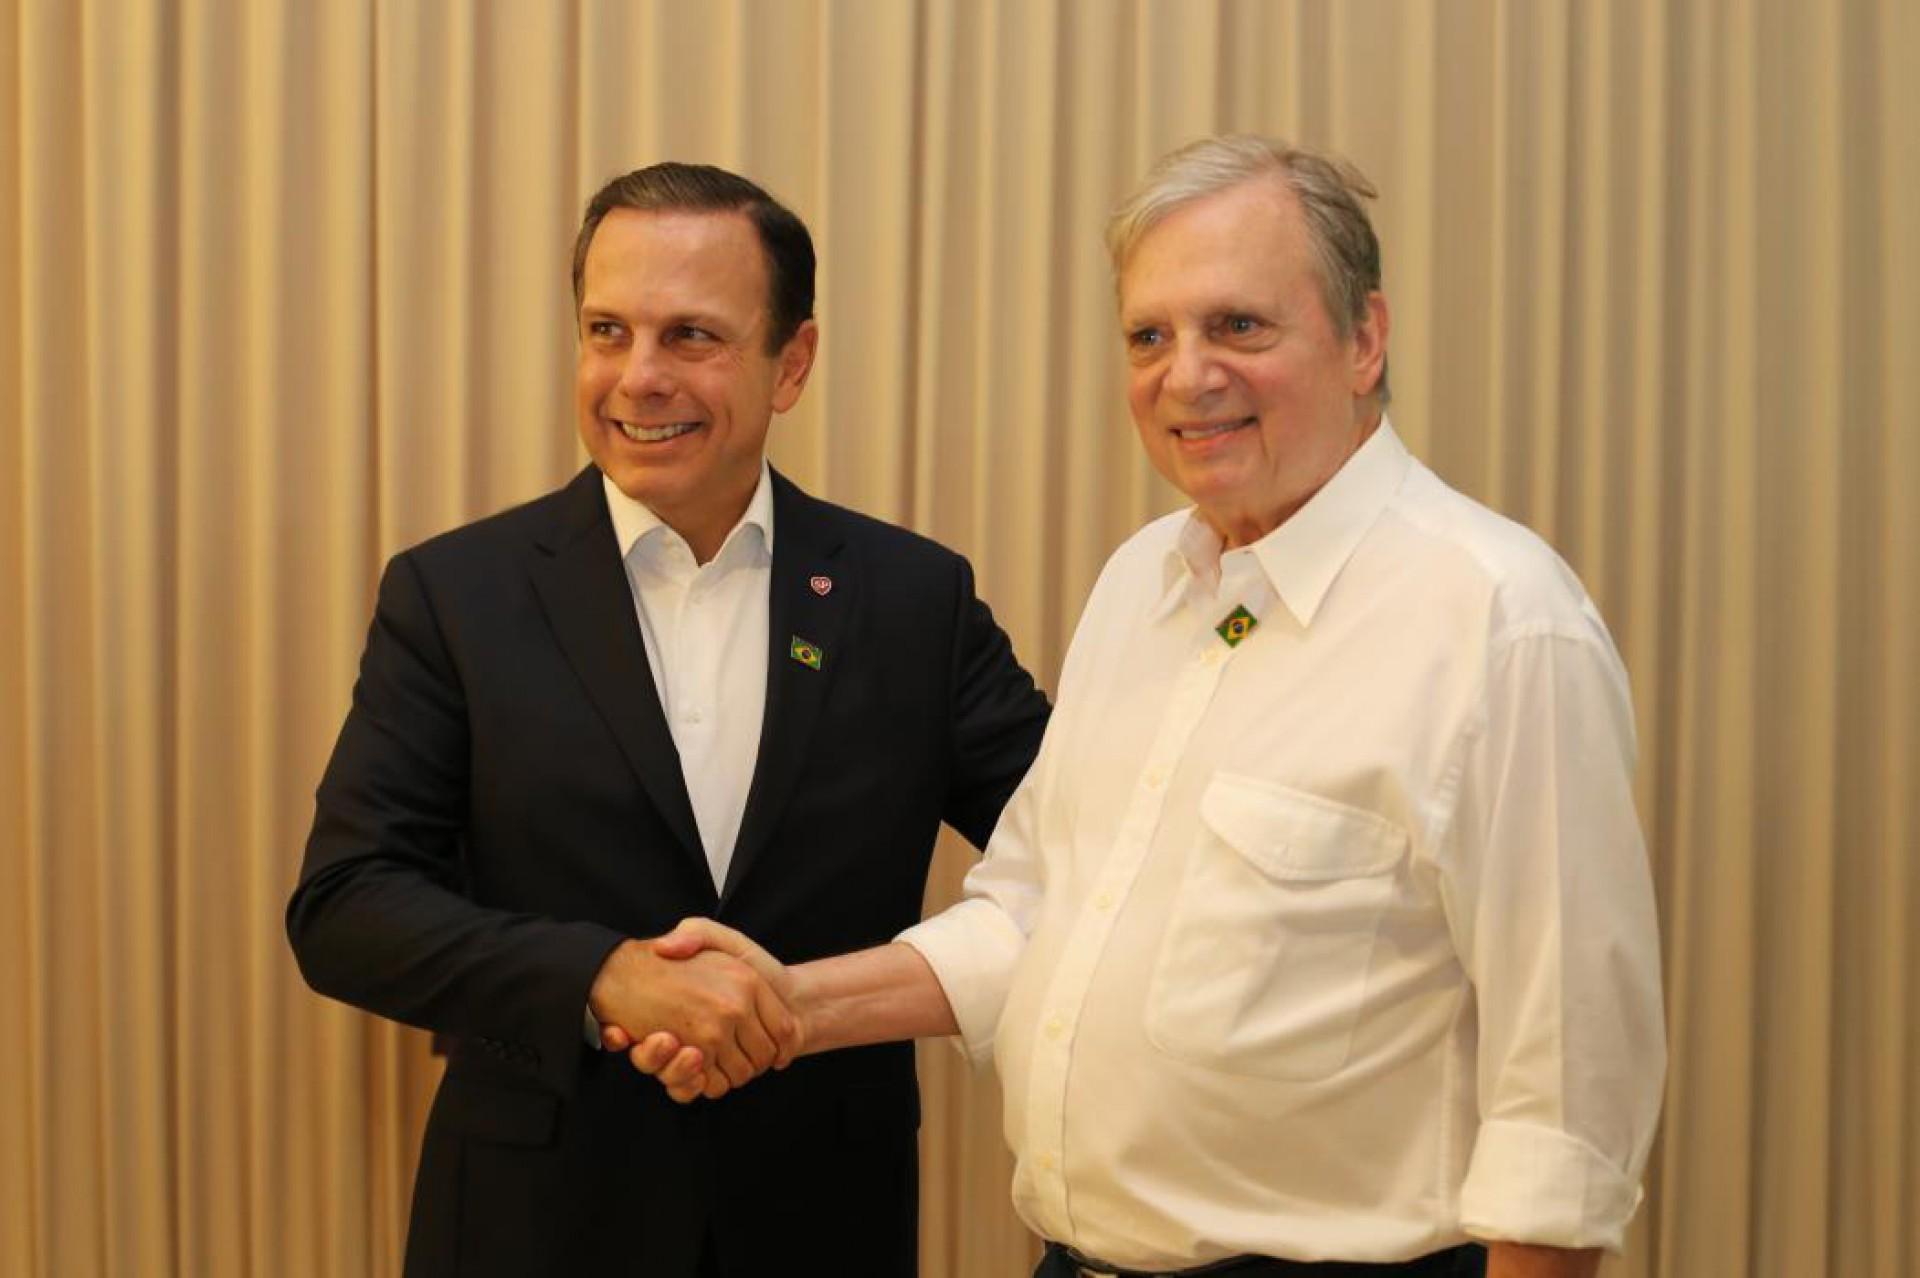 João Dória e Tasso são dois nomes do PSDB cotados para disputar a Presidência em 2022 (Foto: FÁBIO LIMA)